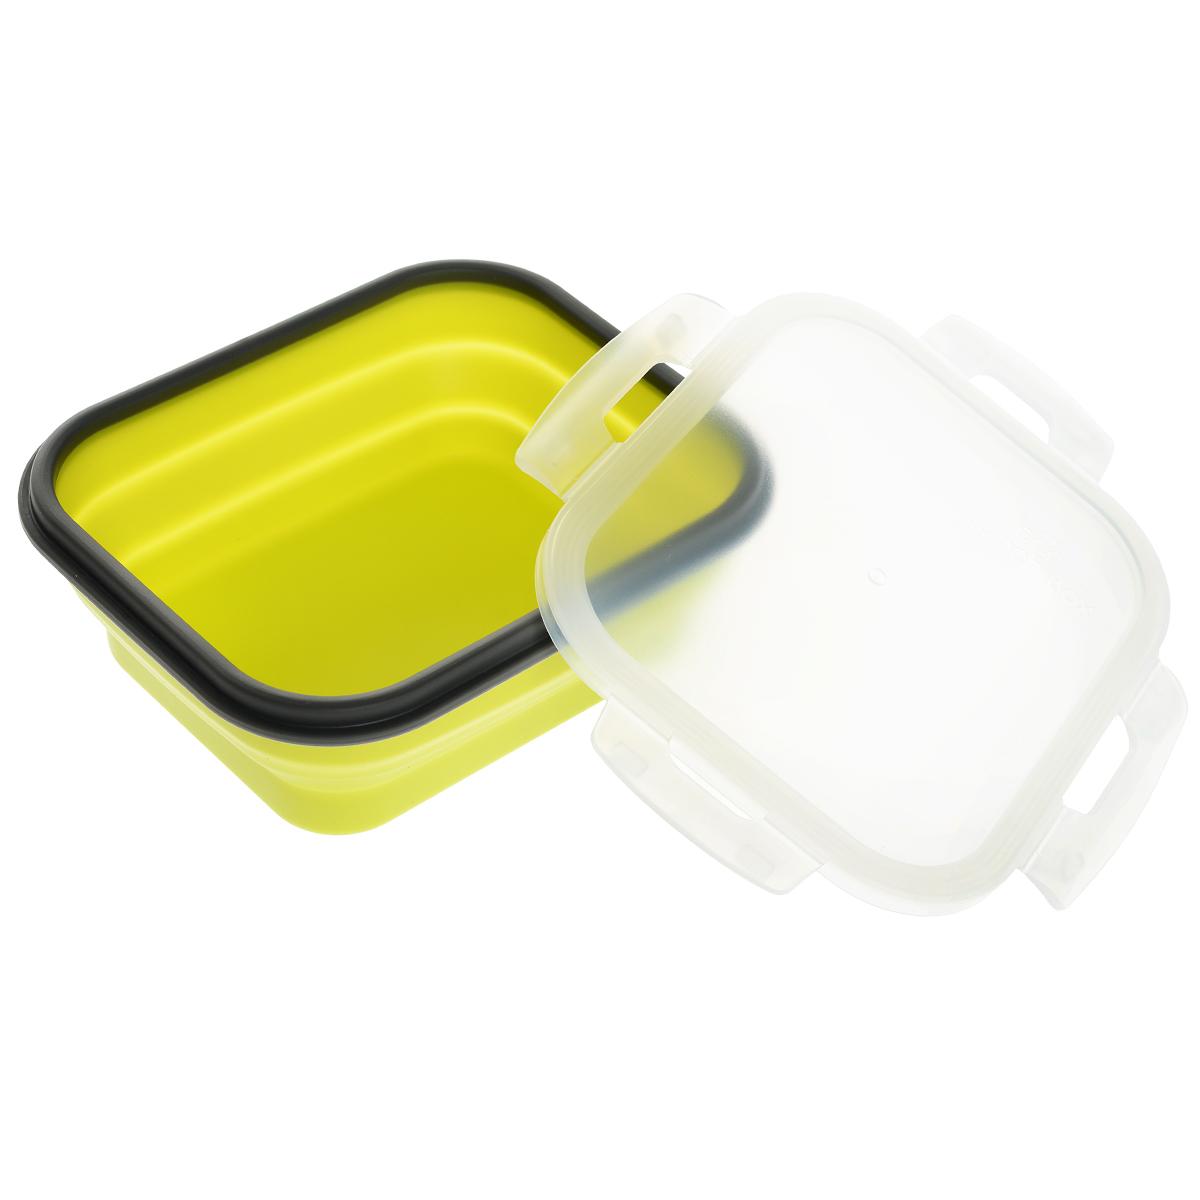 Контейнер силиконовый, складной, 18 х 15 х 7 см842-003Складной контейнер с крышкой, выполненный из силикона, это удобная илегкая тара для хранения и транспортировки бутербродов, порционных салатов, мяса илирыбы, горячих и холодных блюд, даже жидких продуктов.Силикон - экологически безопасный материал, не выделяющий вредных веществ привзаимодействии с пищей.Если у вас вошло в привычку брать на работу домашнюю еду,с этим контейнером вы можете разнообразить свой рацион. После использования контейнерможно просто сложить, он становится в два раза меньше по высоте и легко поместится всумку. Необычная форма, яркий цвет, более удобная конструкция - все это отличаетконтейнер от других лоточков. Контейнер абсолютно герметичен. Пластиковая крышка оснащена четырьмя специальнымизащелками. Характеристики:Материал: силикон, пластик. Размер контейнера (с учетом крышки): 18 см х 15 см х 8 см. Размер контейнера в сложенном виде (с учетом крышки): 15 см х 15 см х3,5 см.